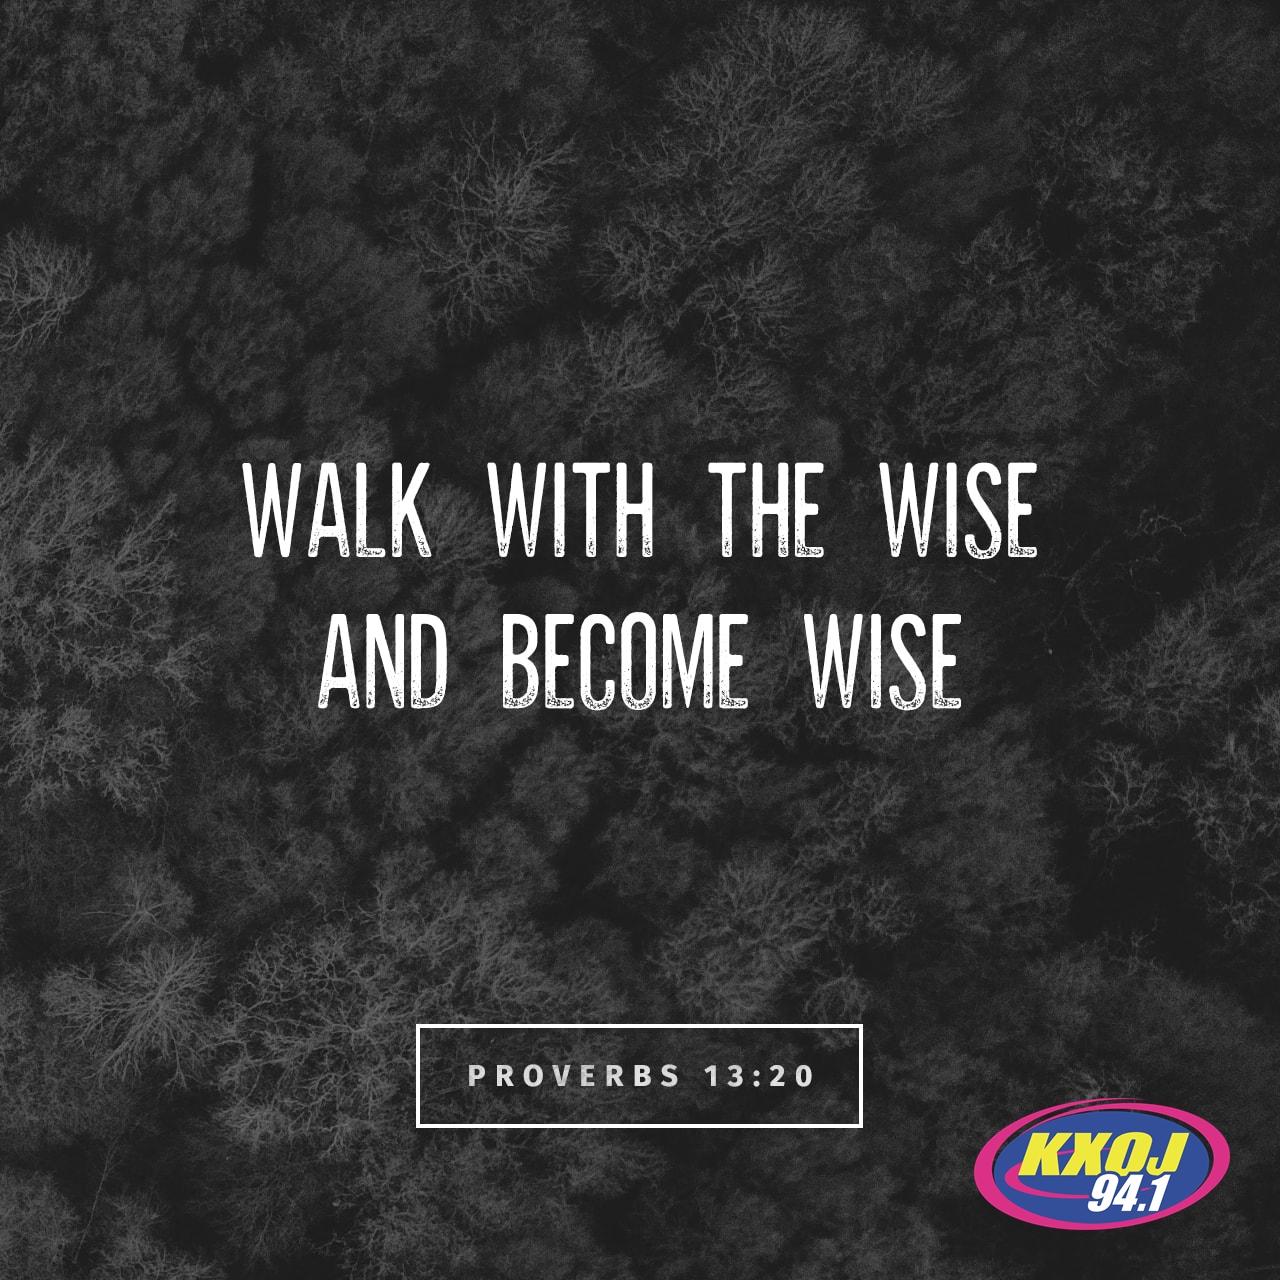 April 1st - Proverbs 13:20